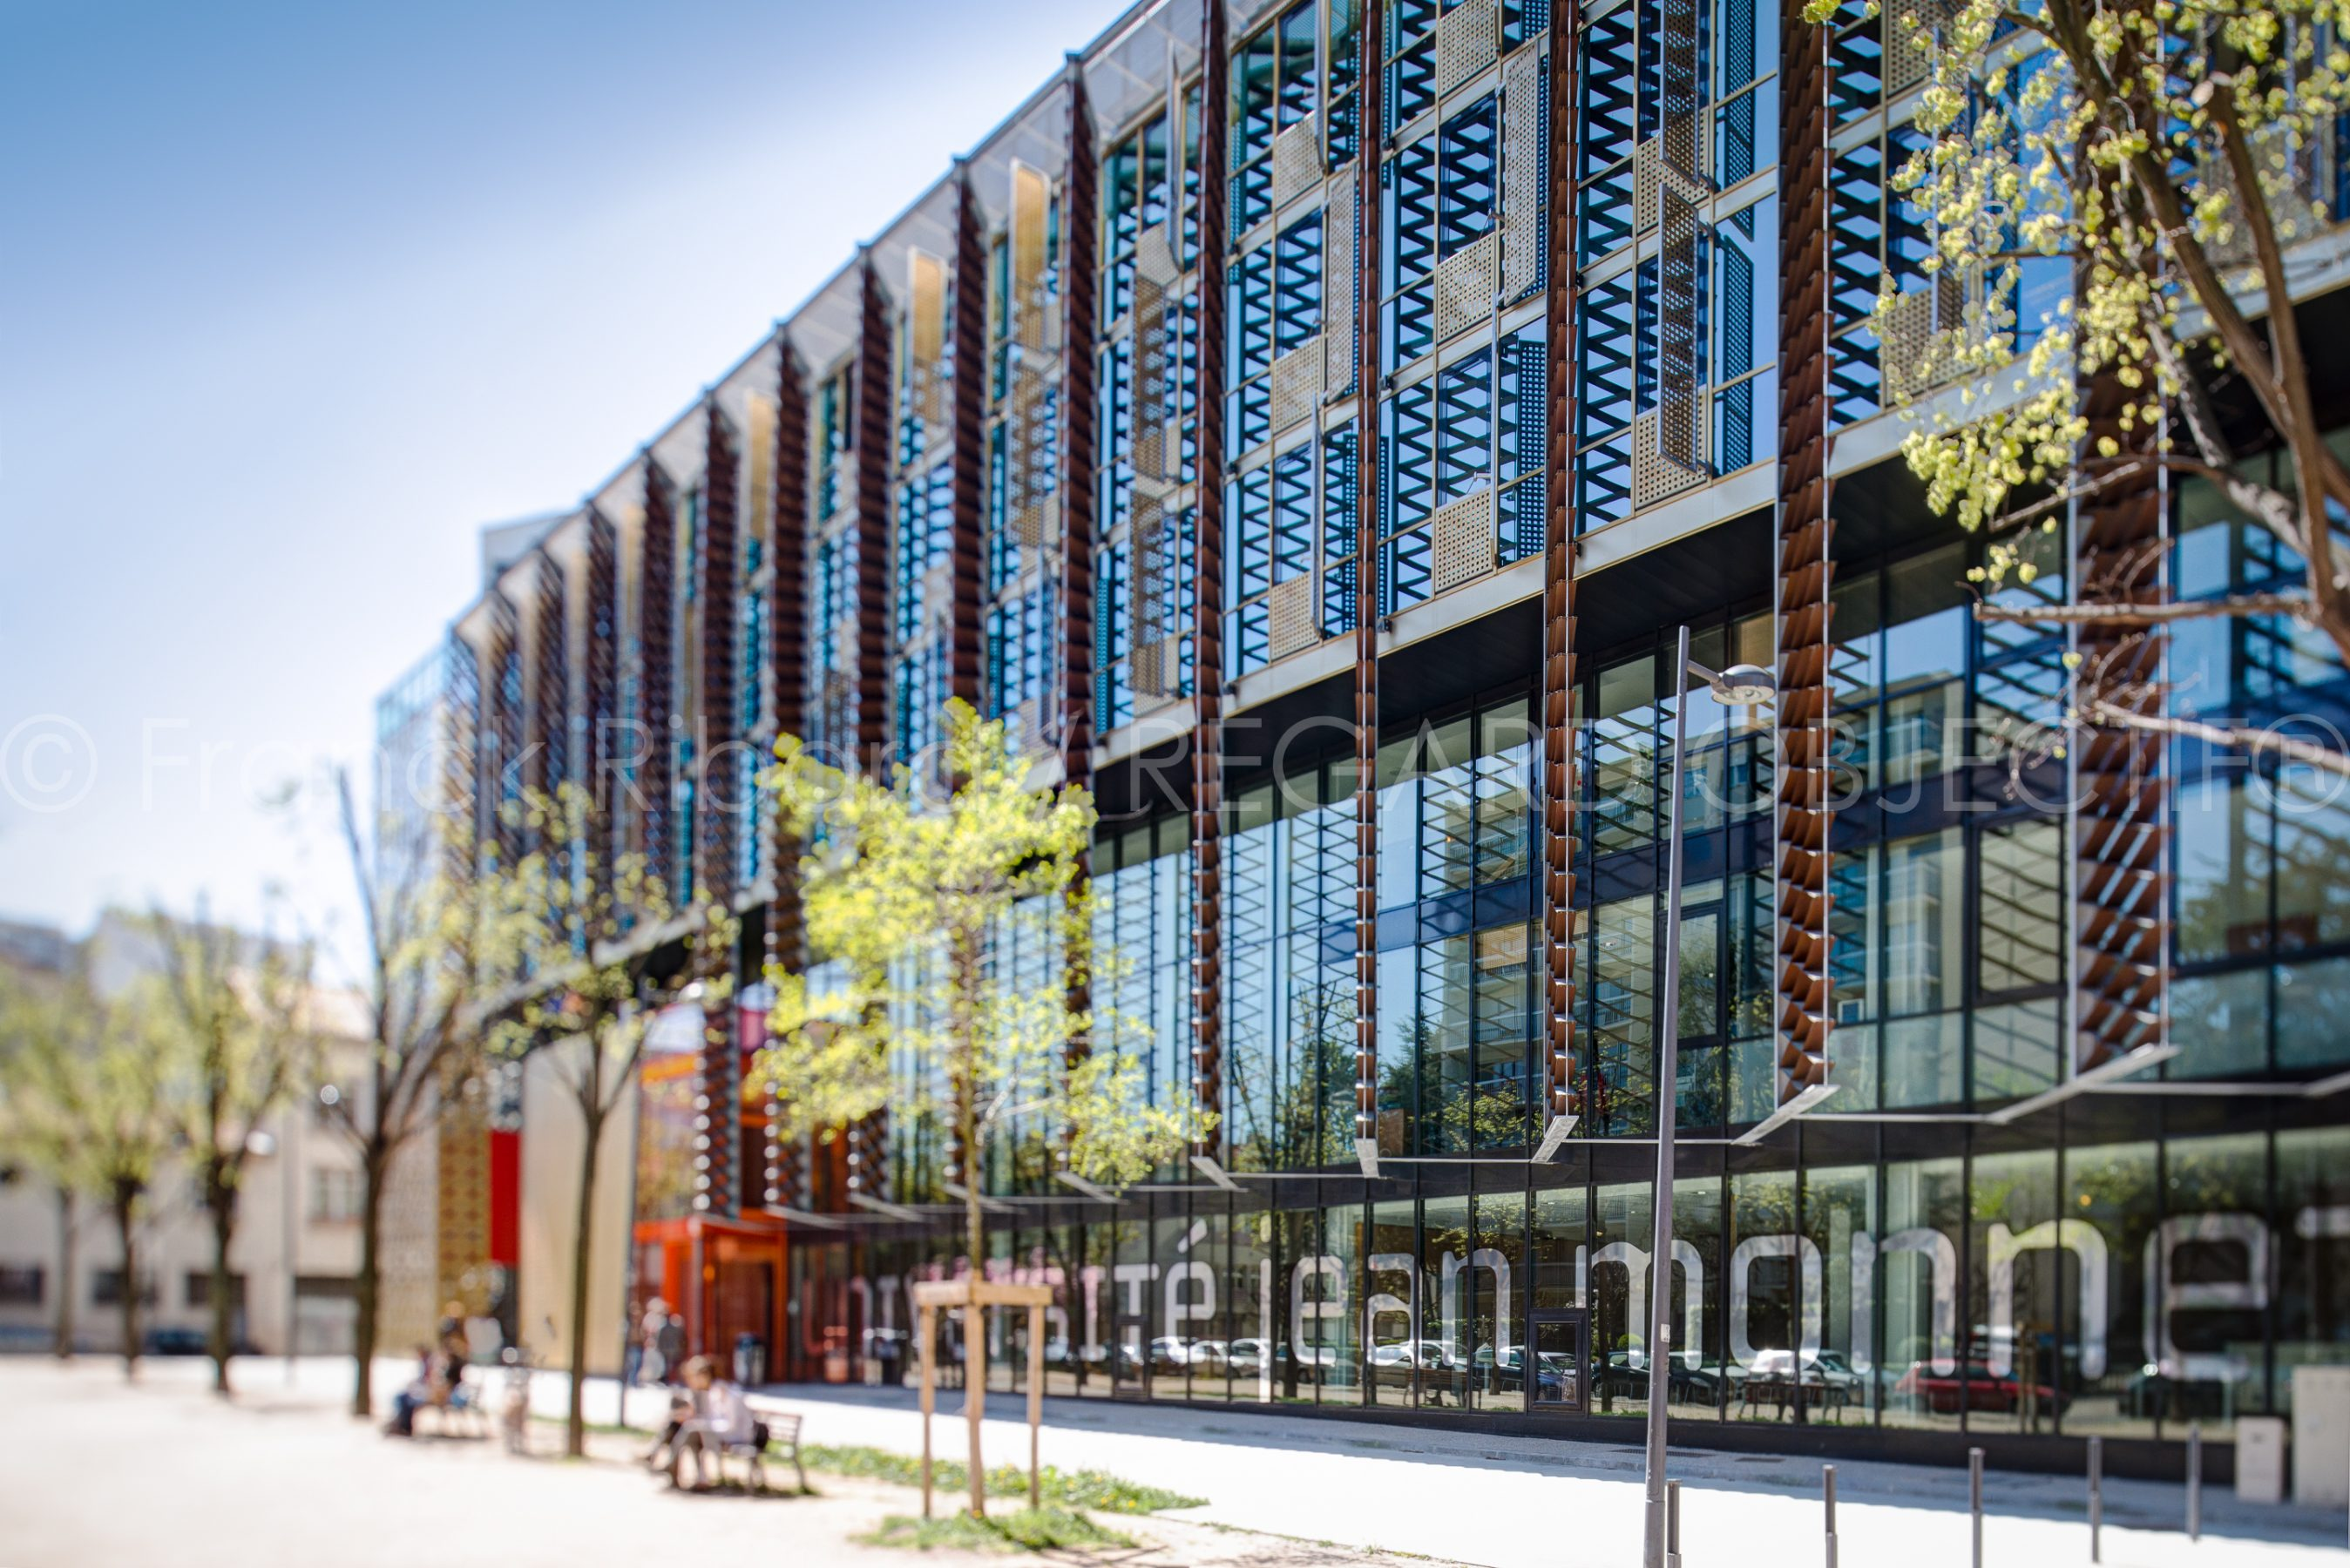 photographie de franck ribard - regard objectif - photographe architecture lyon - Université Jean Moulin - St Etienne